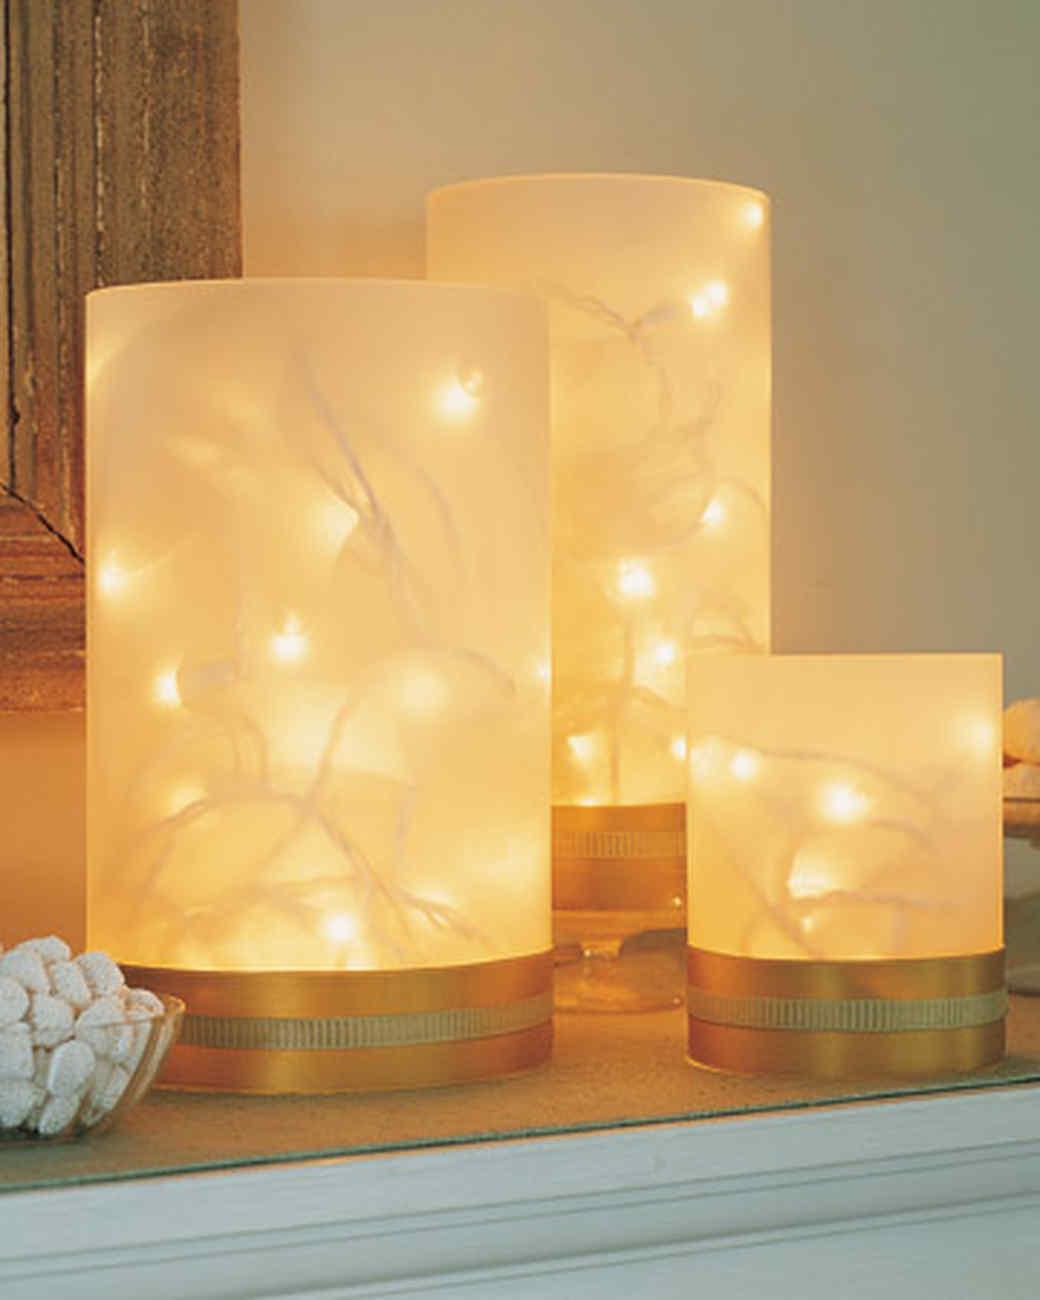 vase lighting. Vase Lighting R